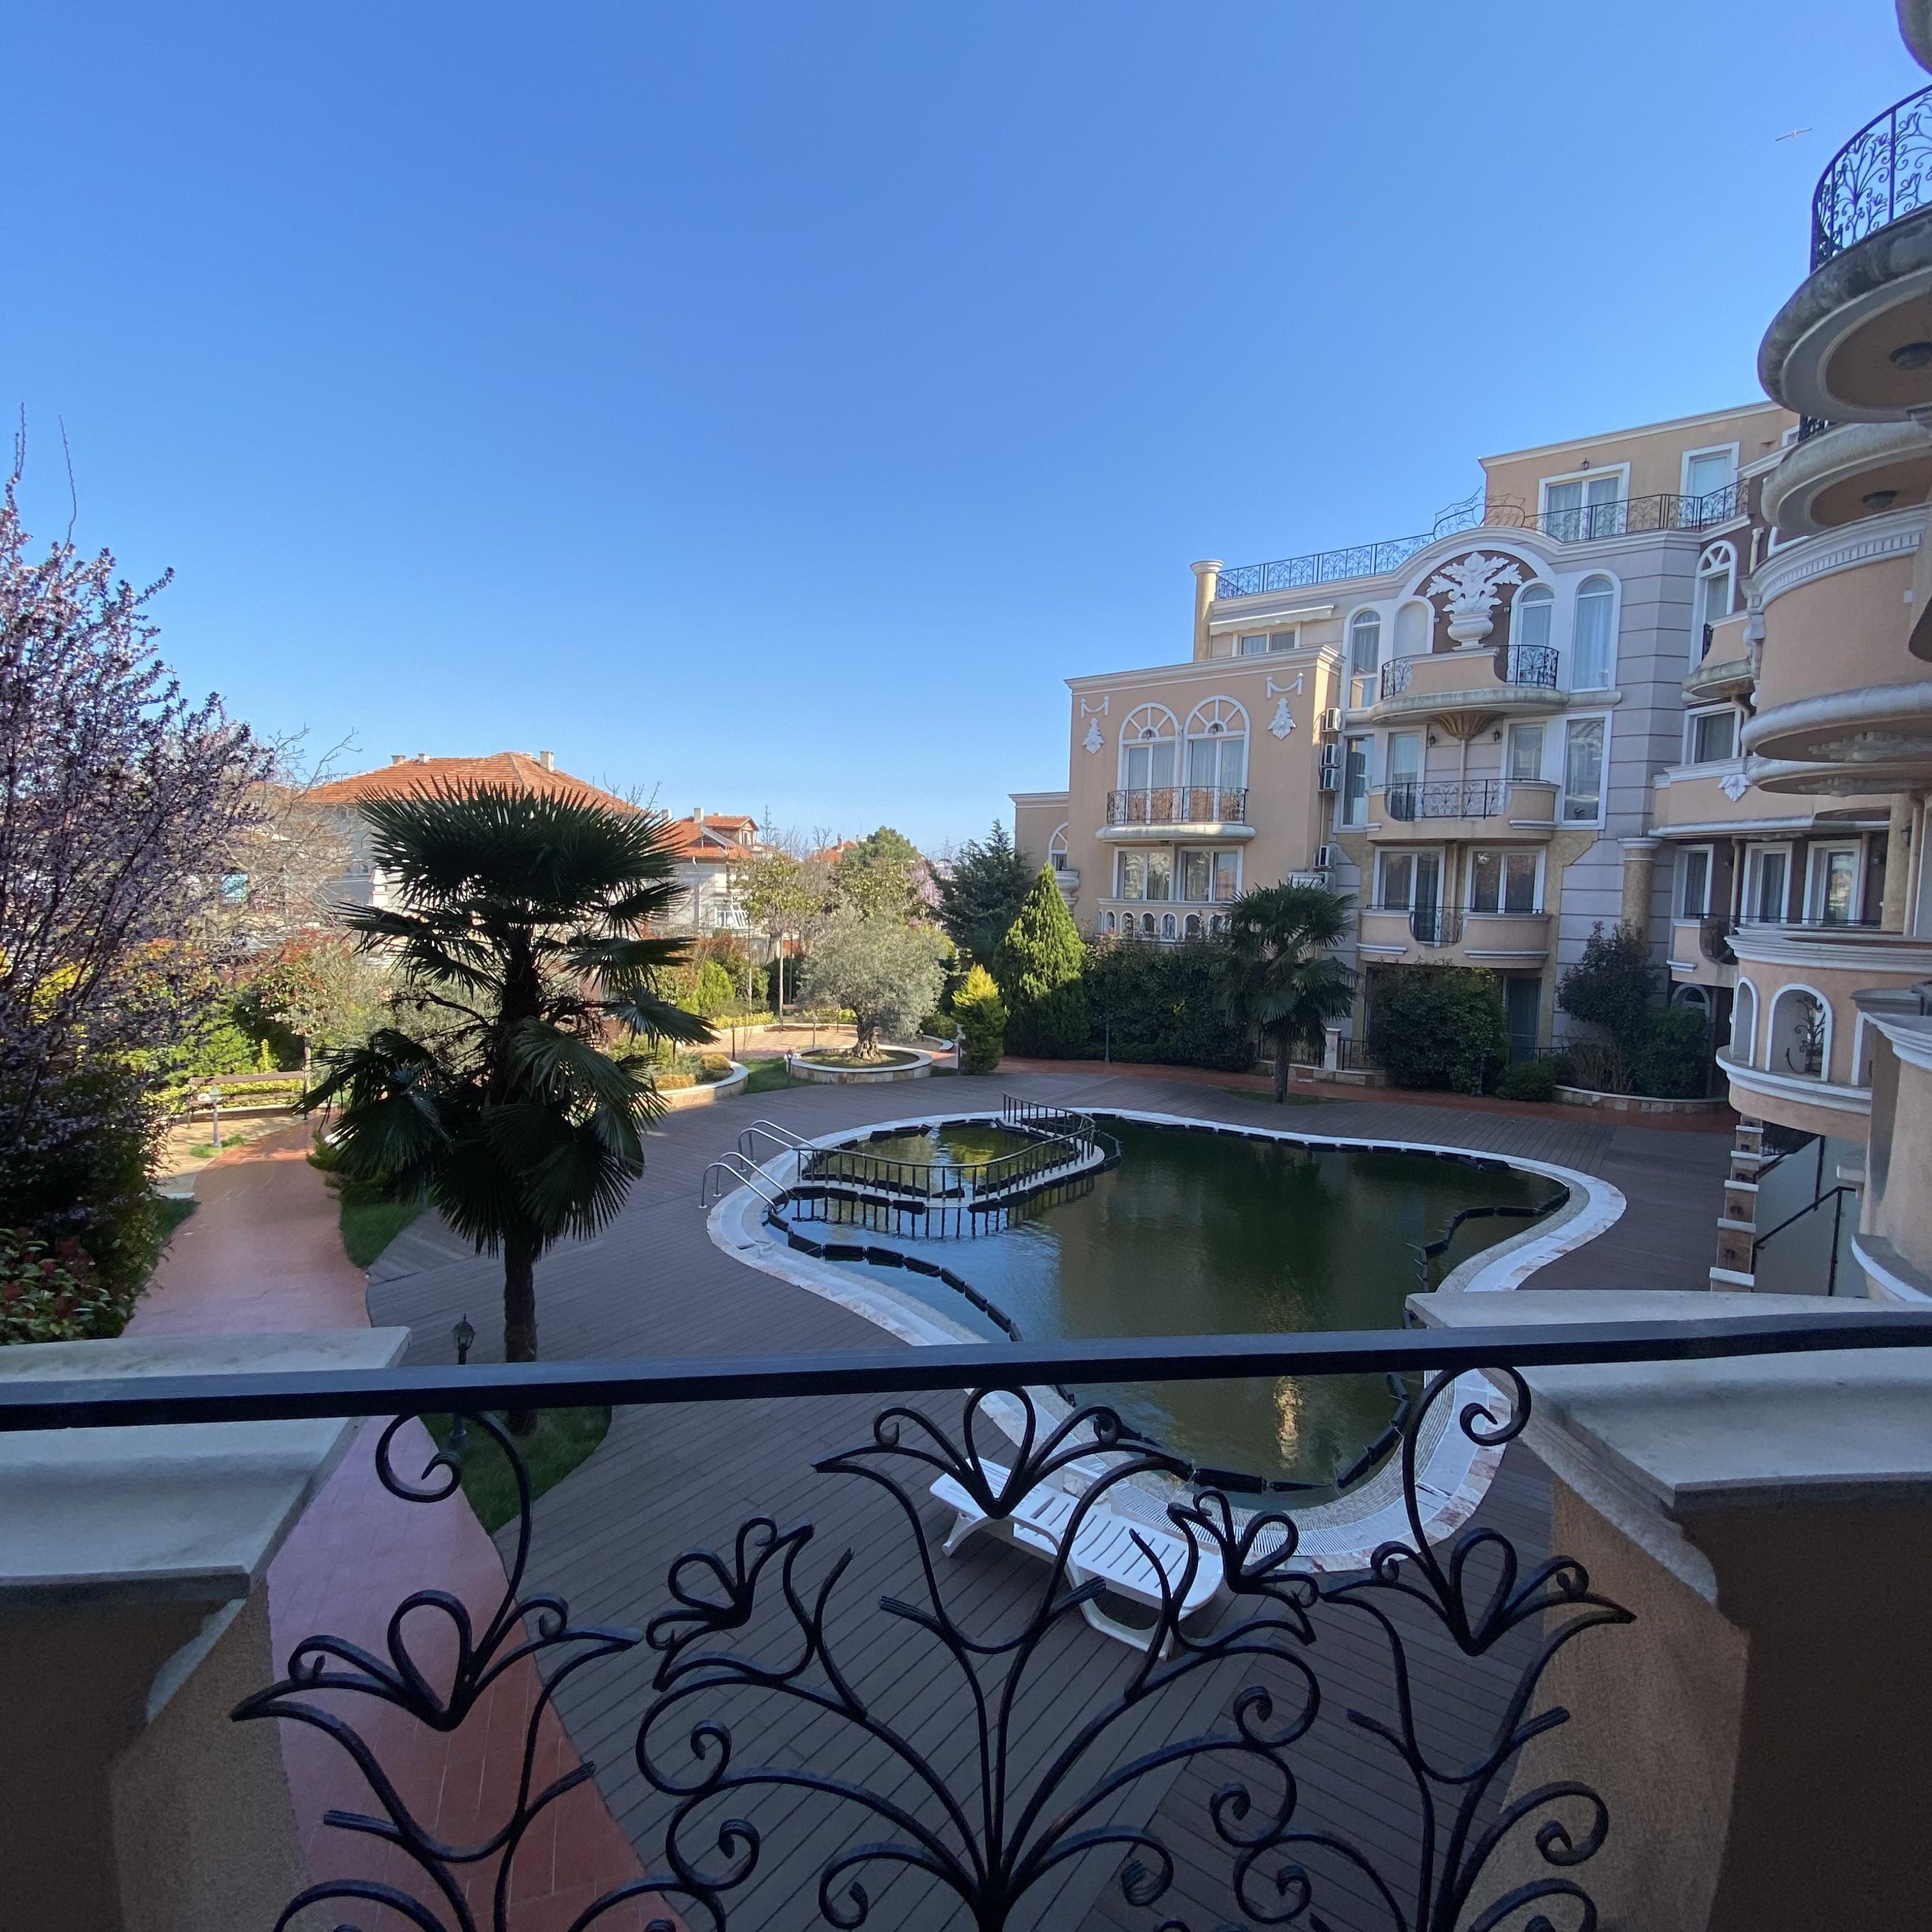 Продава: Апартамент с една спалня и гледка към градината и басейна в Равда.